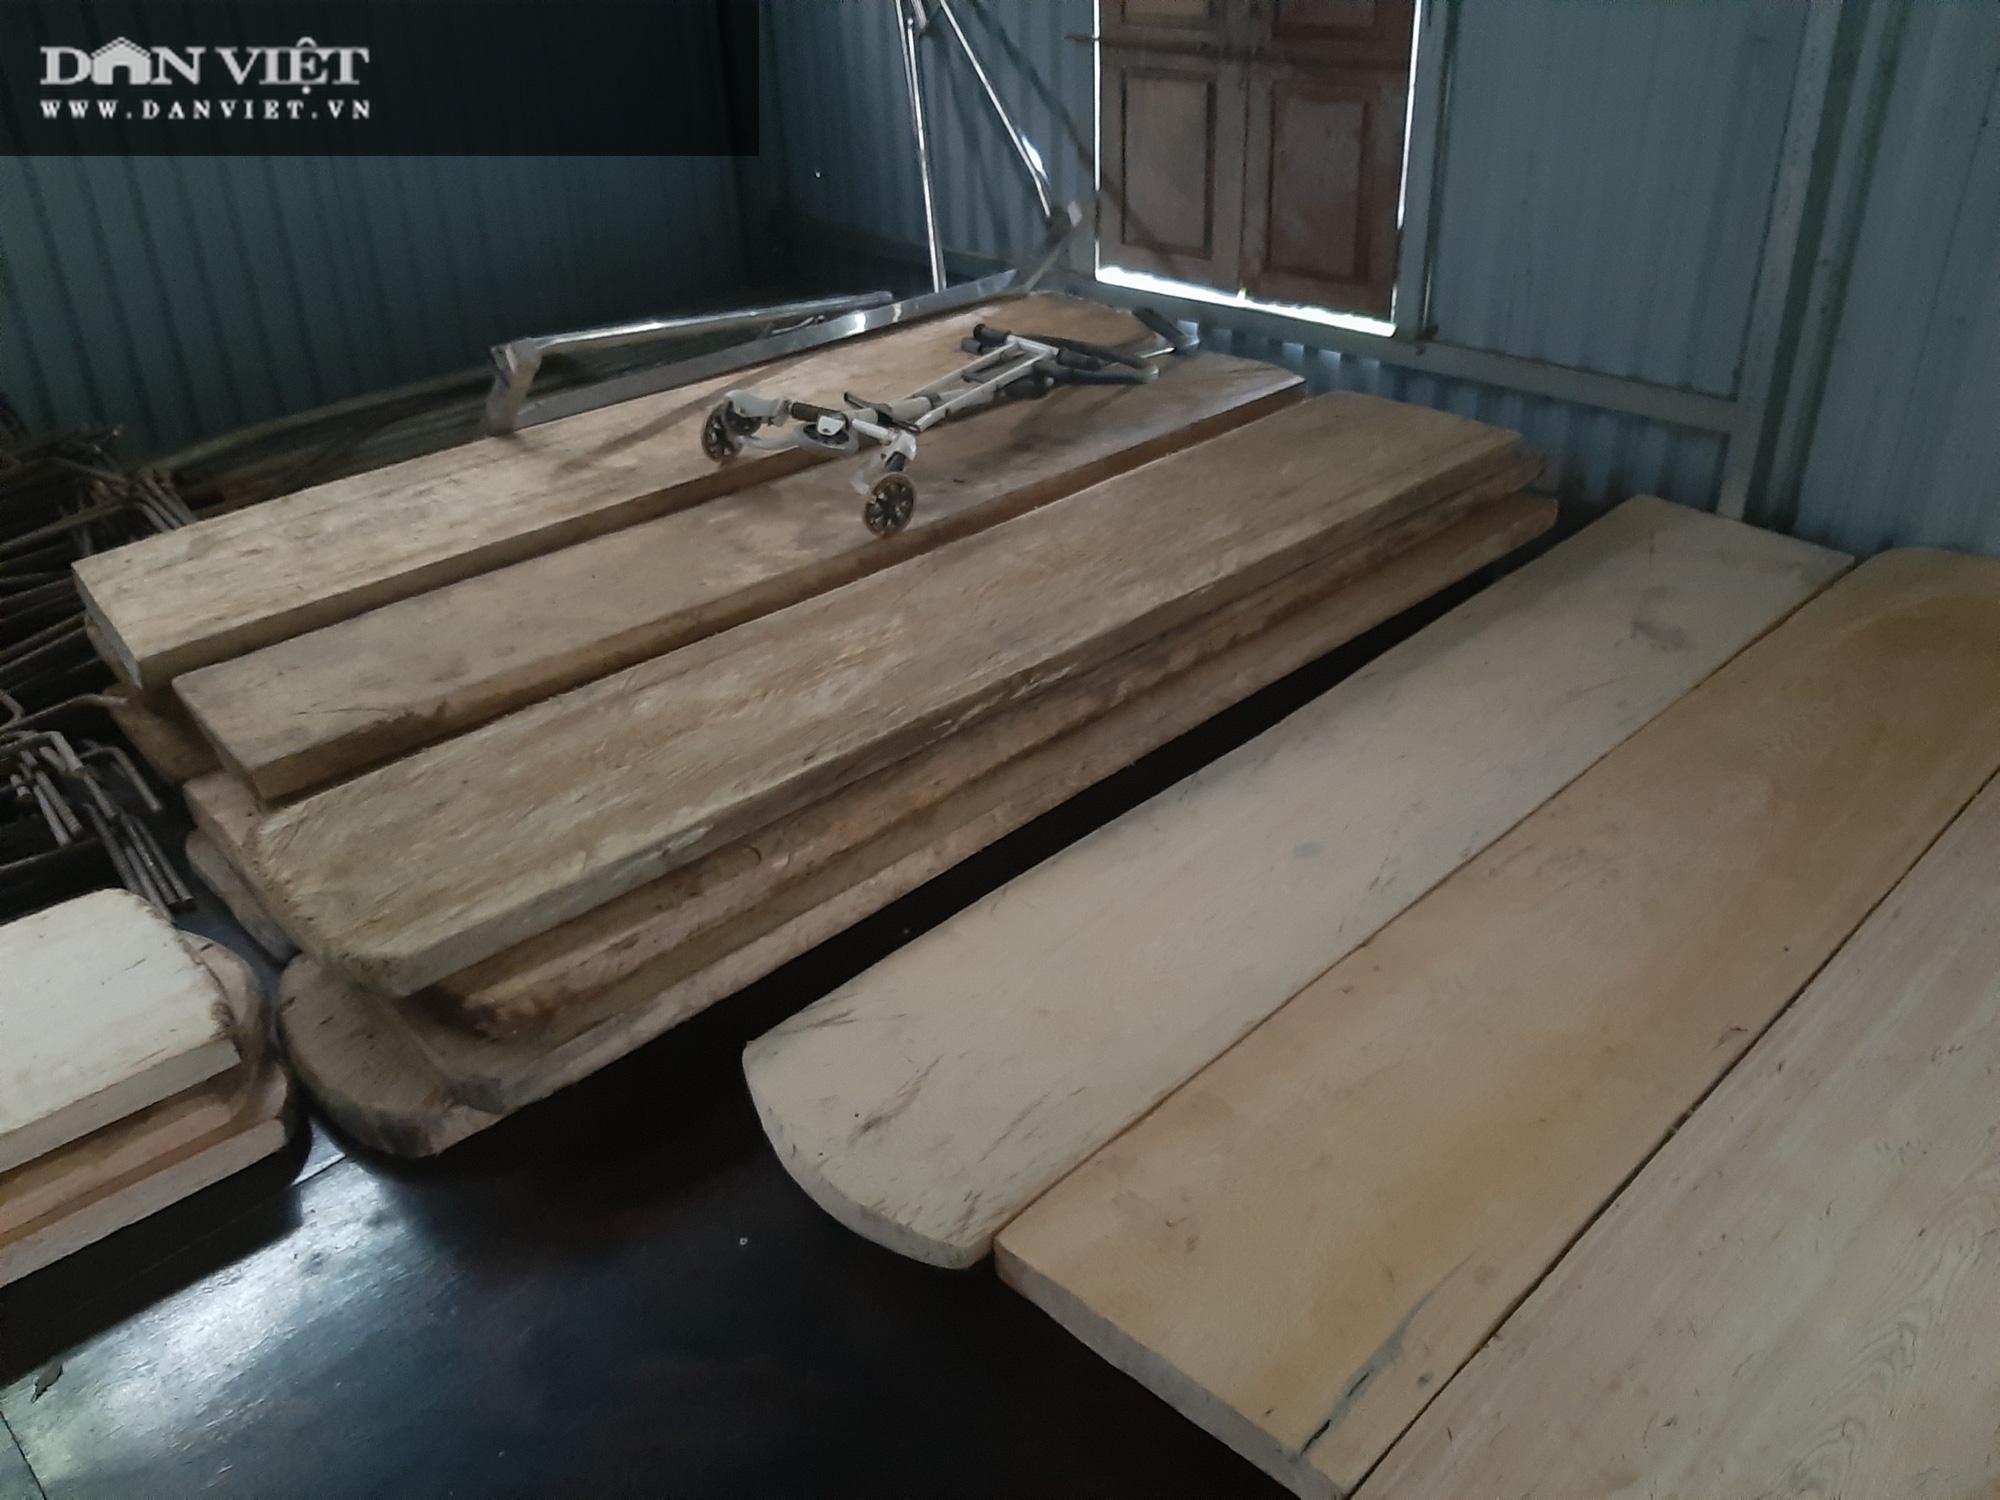 """Phá rừng pơ mu VQG Hoàng Liên (Bài 4): Phá rừng cho """"trùm buôn gỗ"""", chứ không phải để đóng quan tài! - Ảnh 4."""